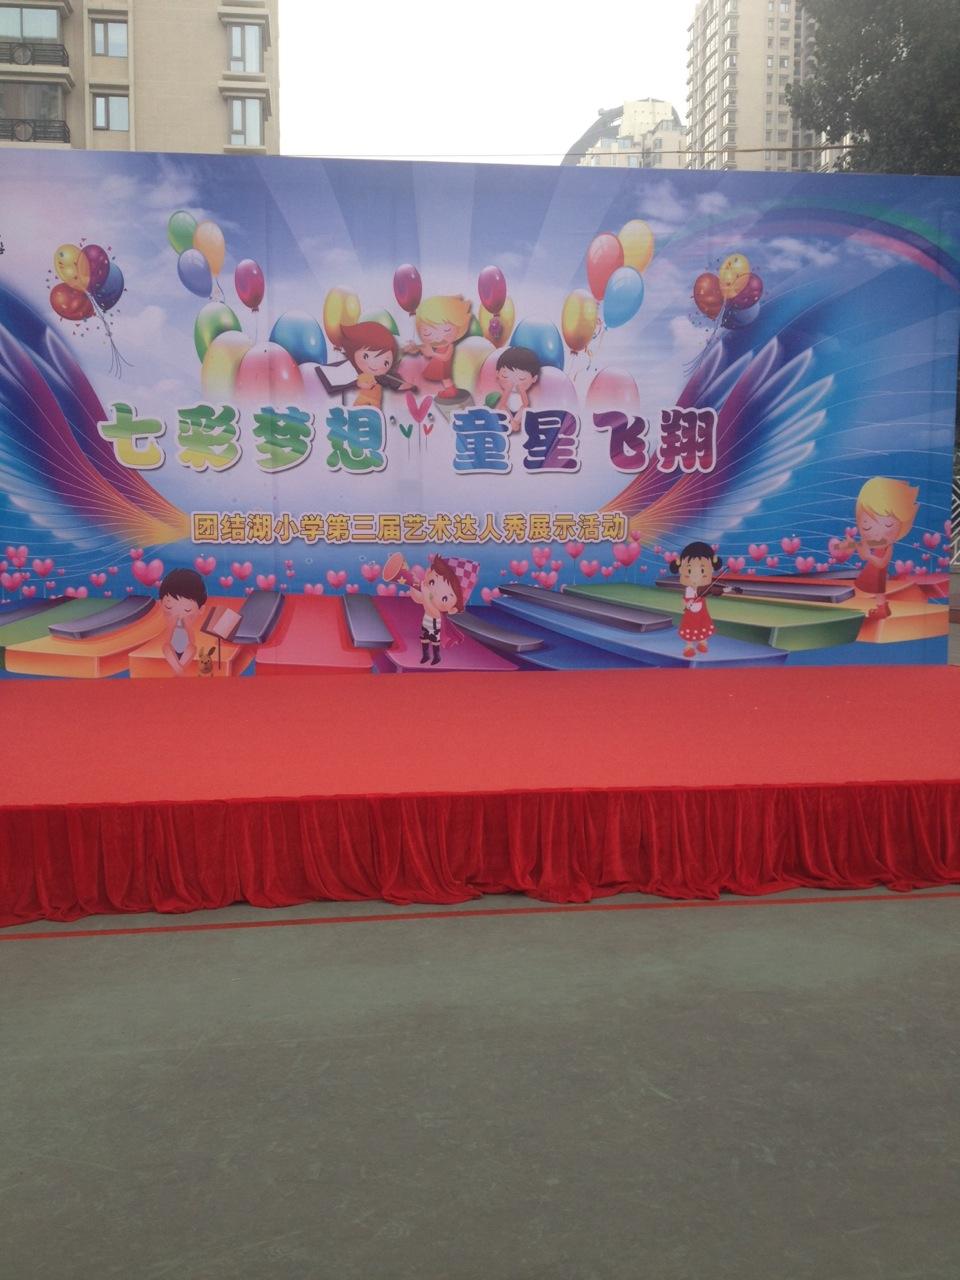 008|007|006|005|必威电竞官方网站舞台搭建出租 18911549548